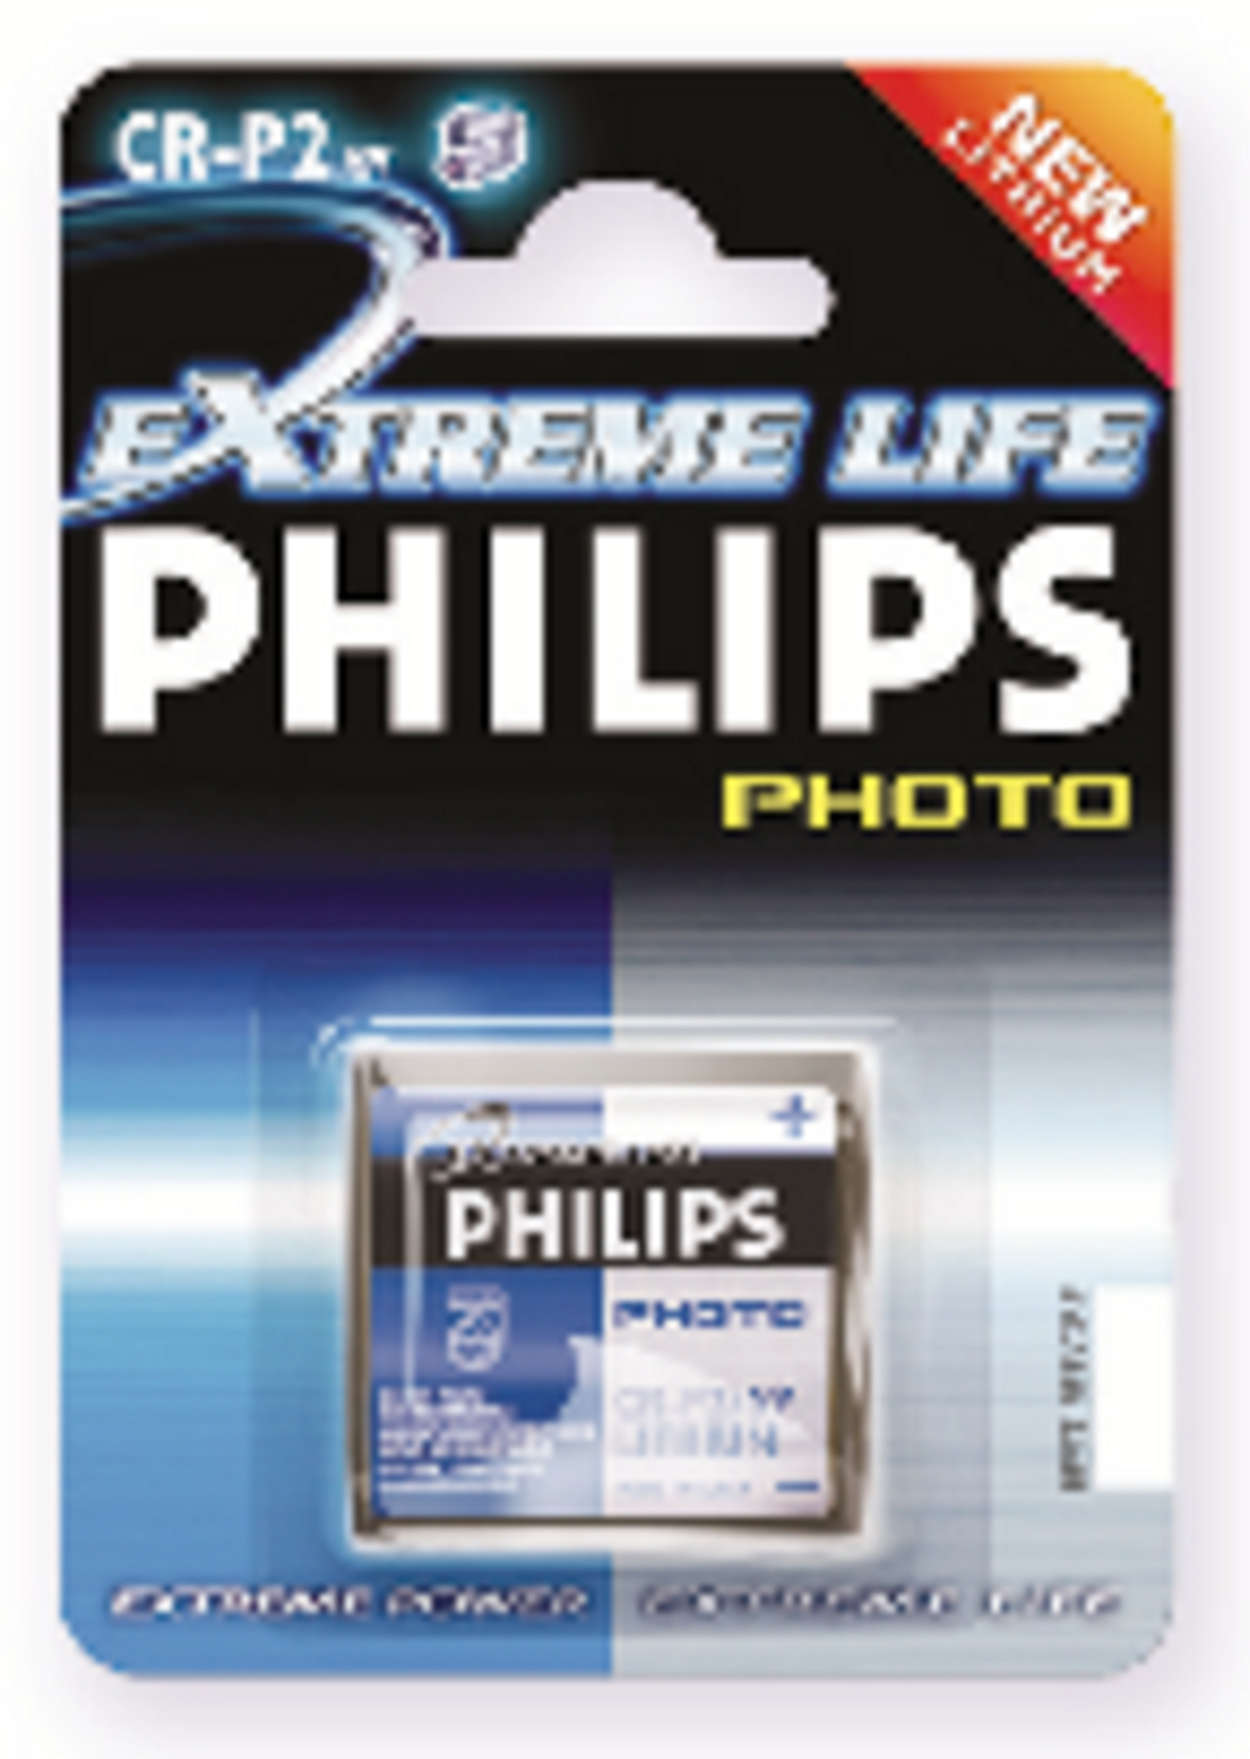 Технология литиевых батарей высшего качества для вашей фотокамеры